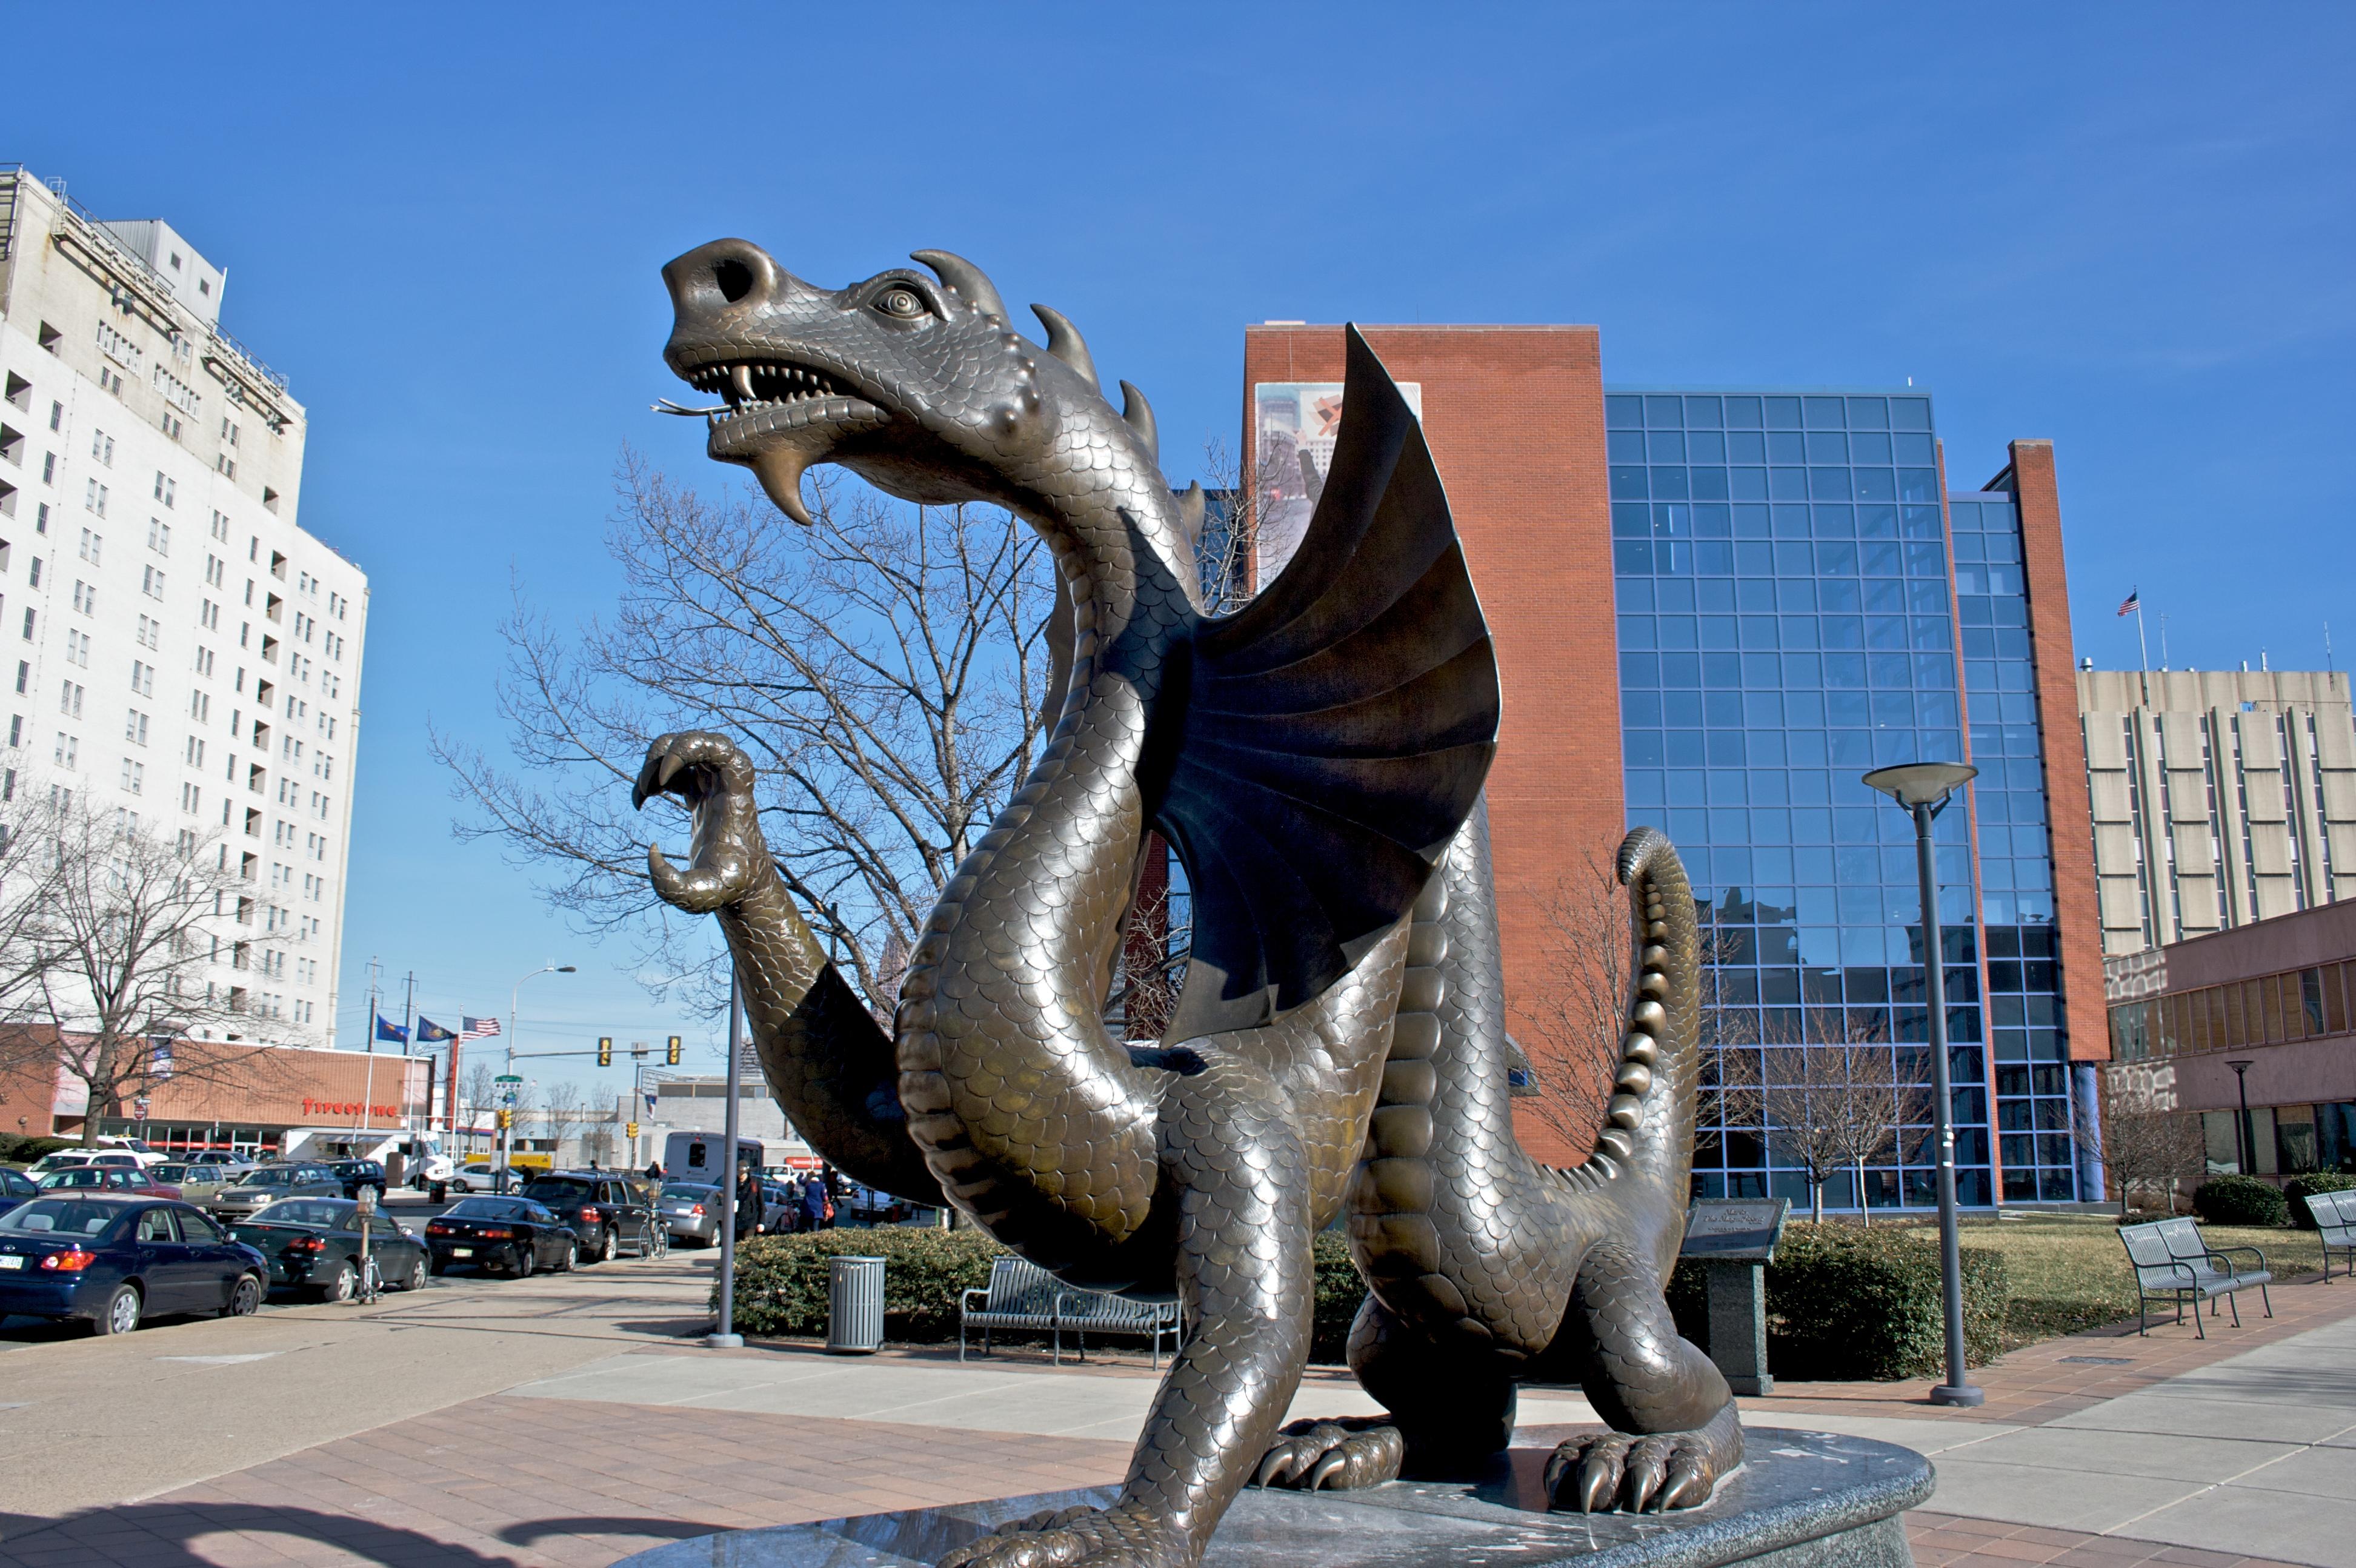 La Credenza Wikipedia : Drago wikipedia